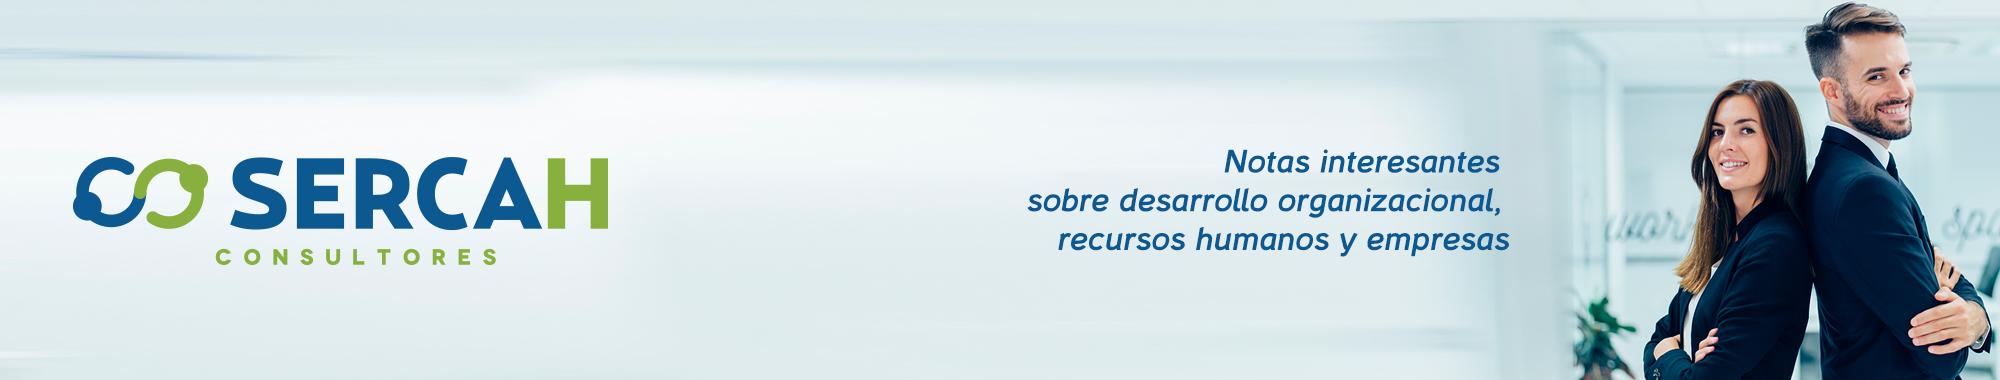 SERCAH CONSULTORES